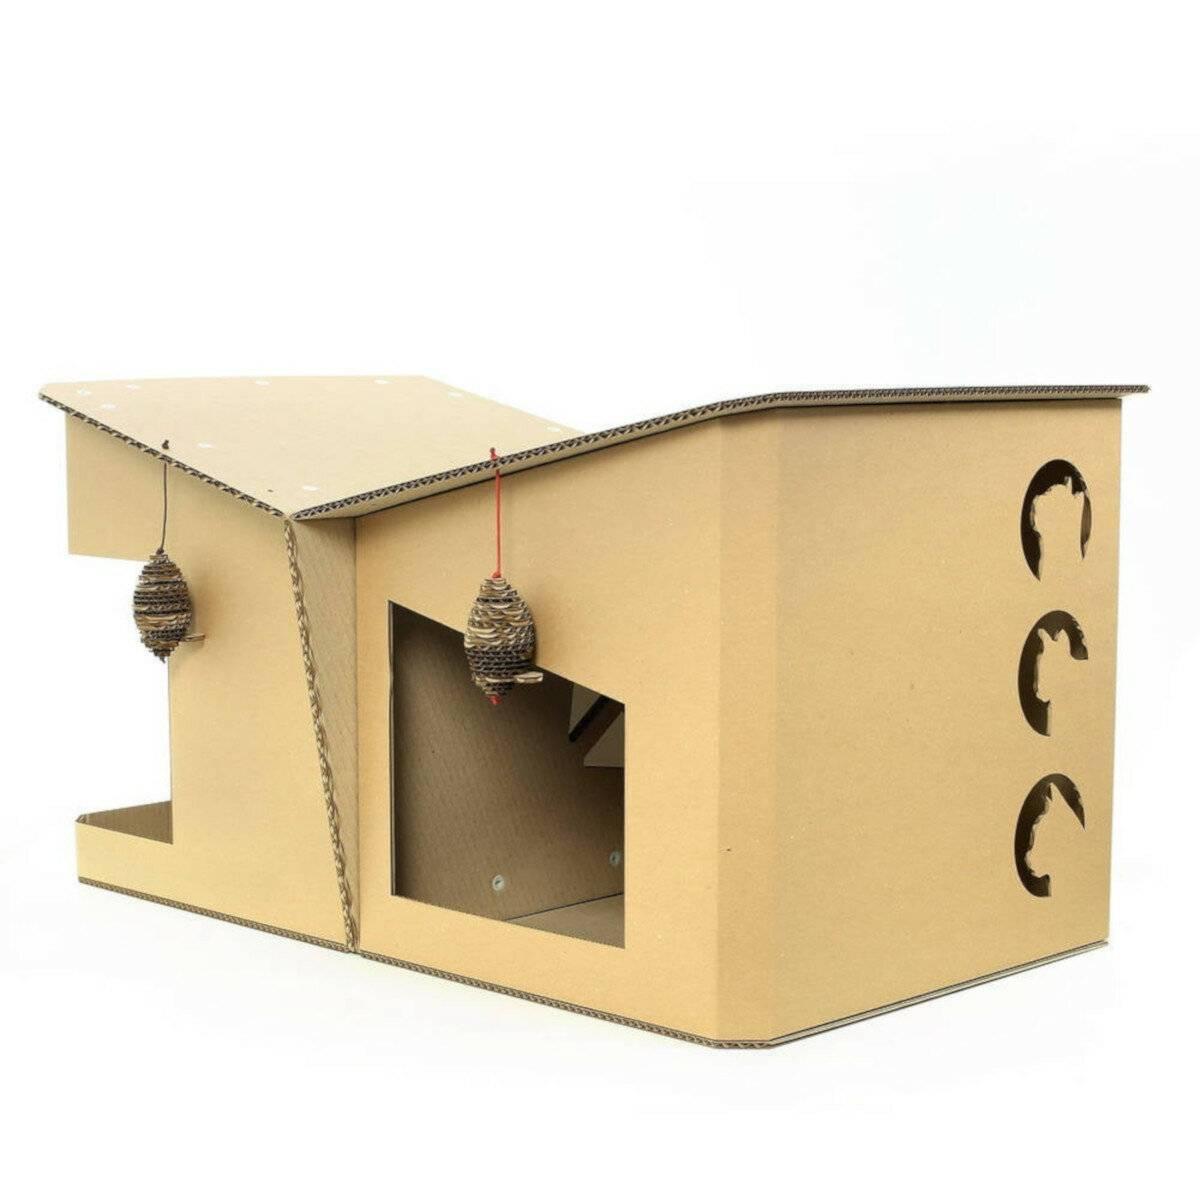 Домик для кошки своими руками: описание моделей, чертежи и инструкции по изготовлению